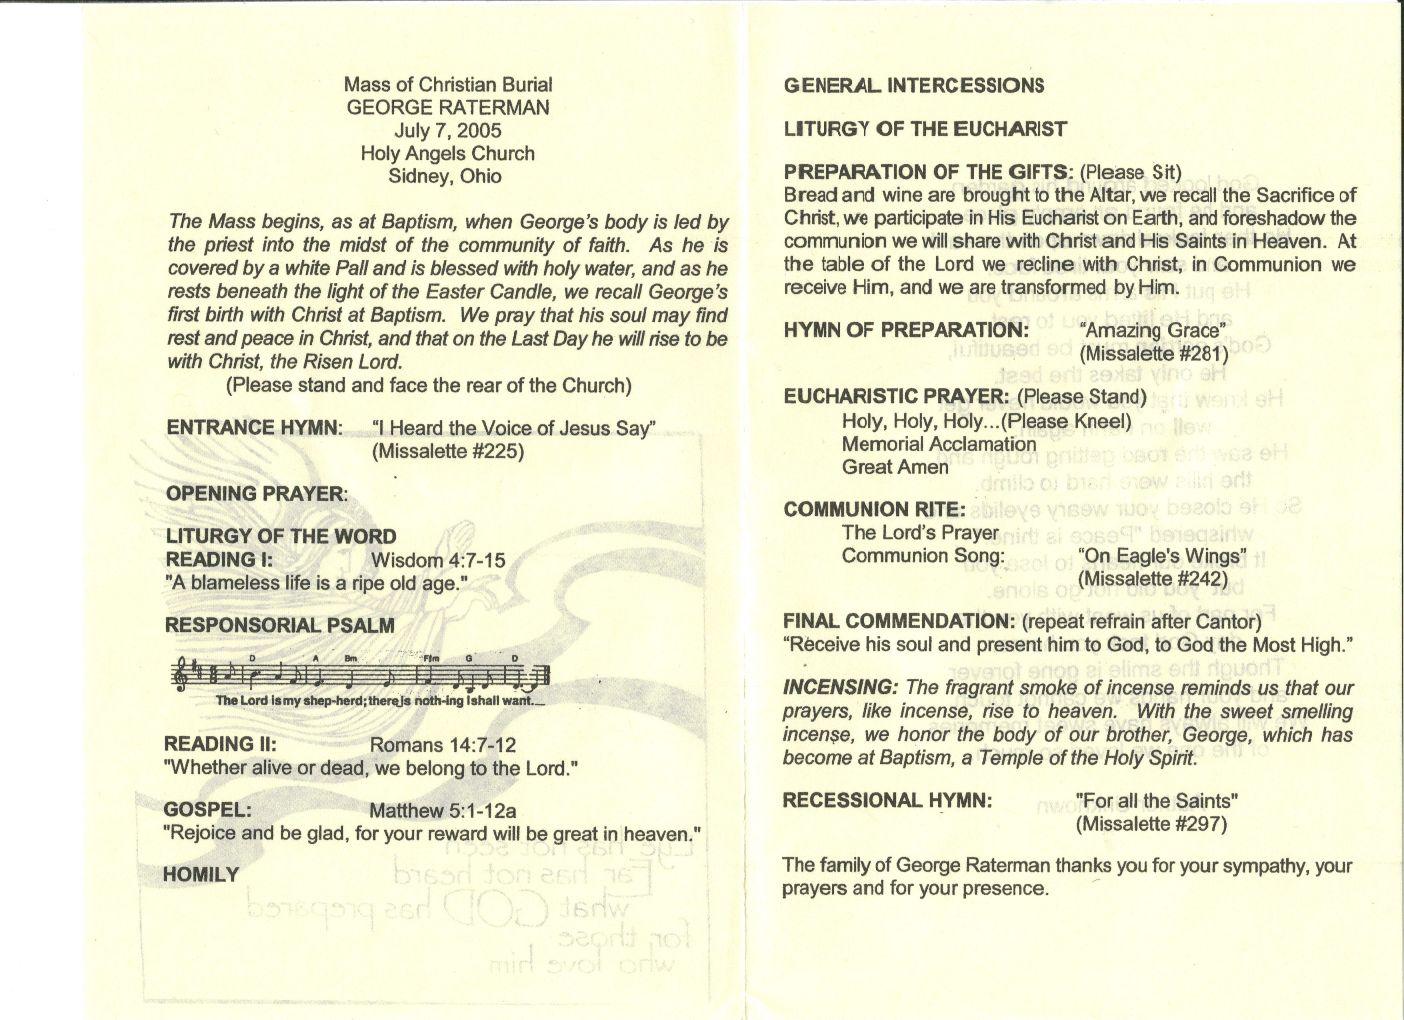 catholic wedding program templates. catholic wedding mass program ...